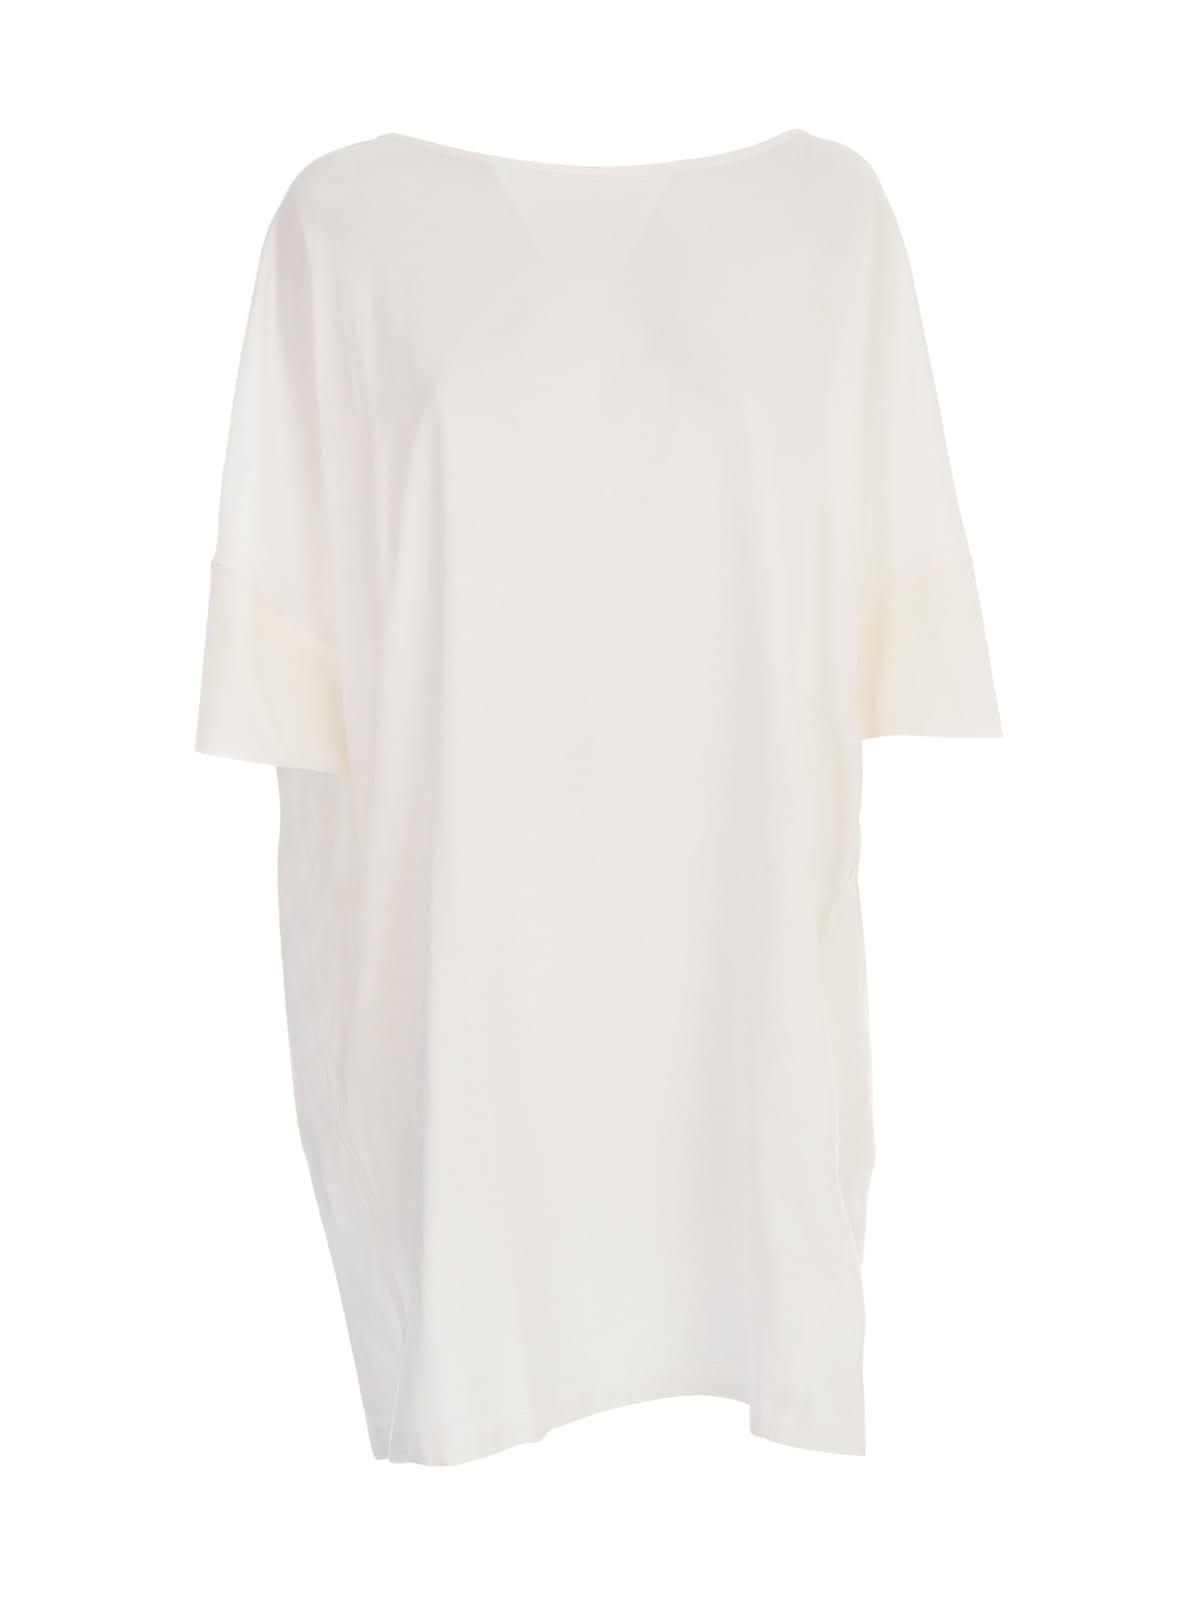 S/s Mini Dress